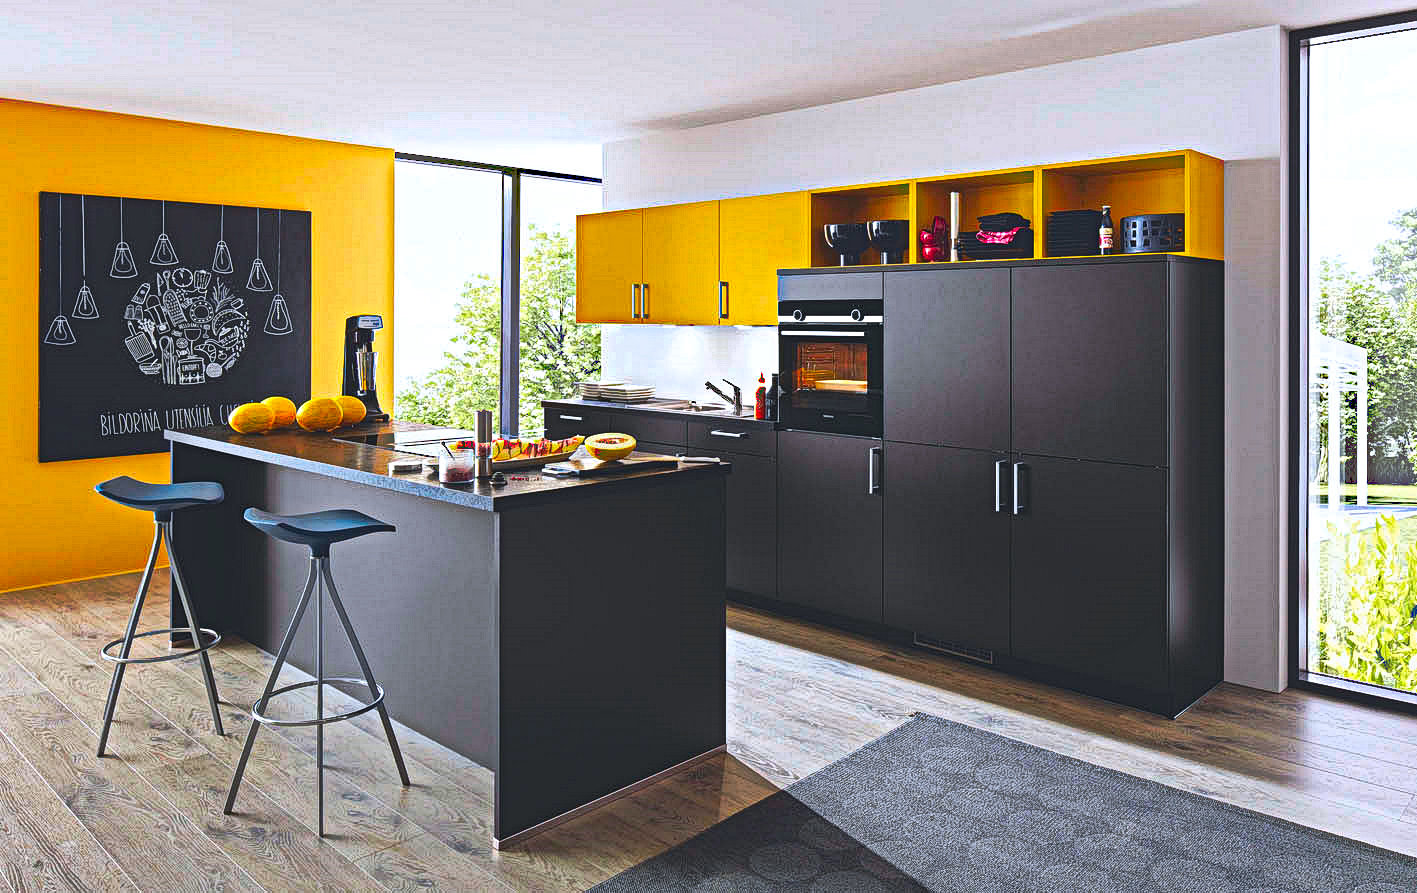 Full Size of Küche Mit Insel Grundriss Kleine Moderne Küche Mit Insel Hochglanz Küche Mit Insel Schmale Küche Mit Insel Küche Küche Mit Insel